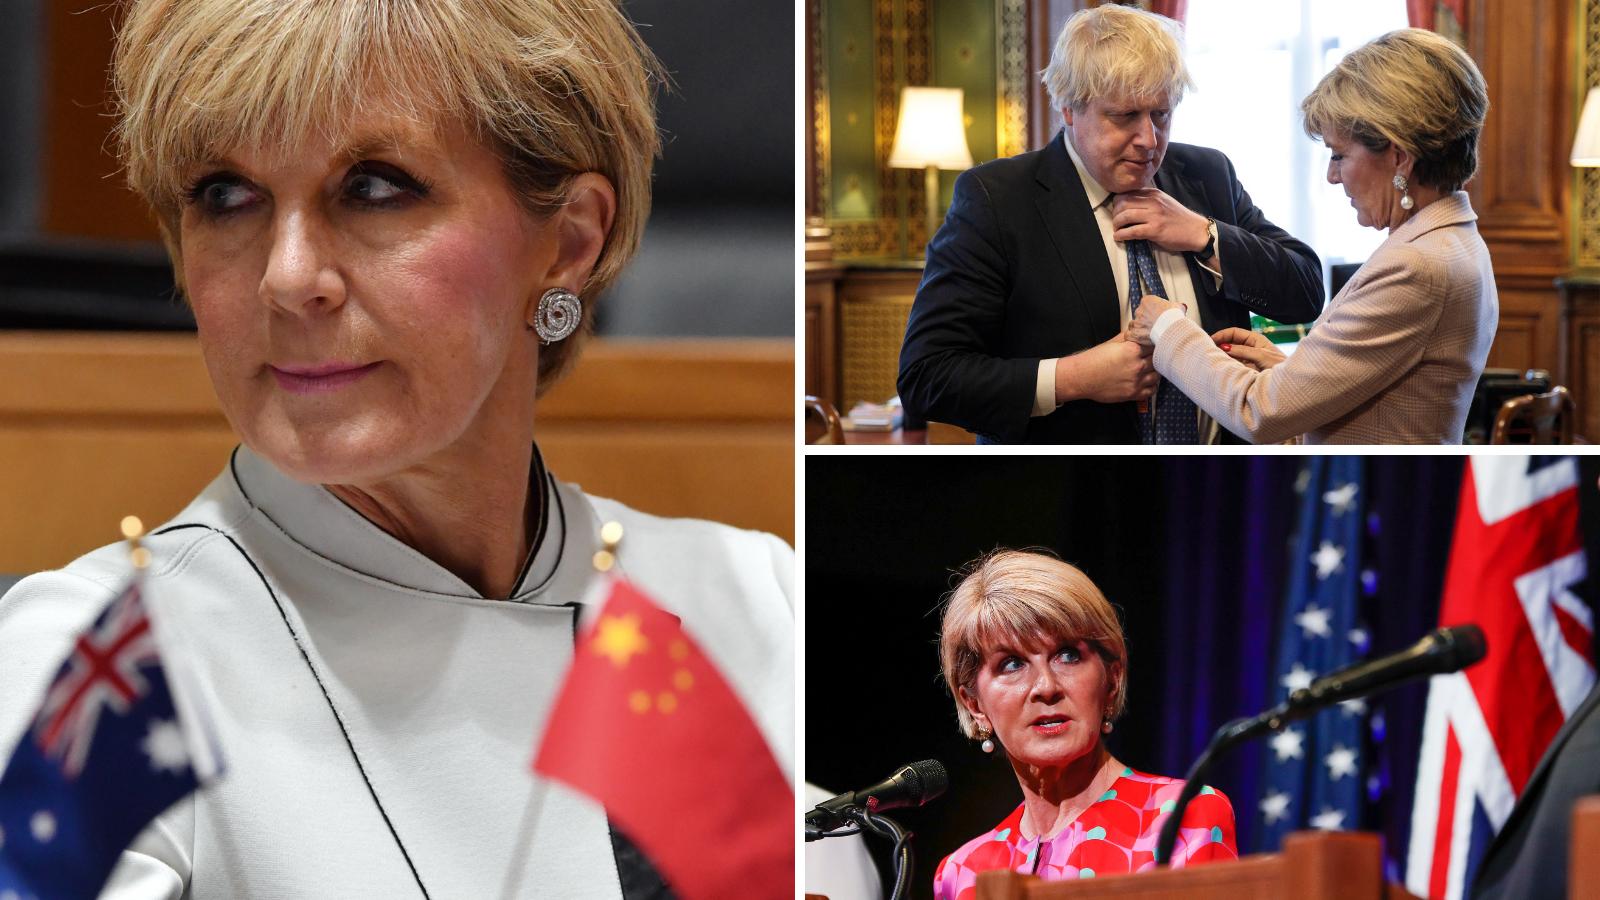 Former foreign minister Julie Bishop slams world leaders for 'damaging' leadership style